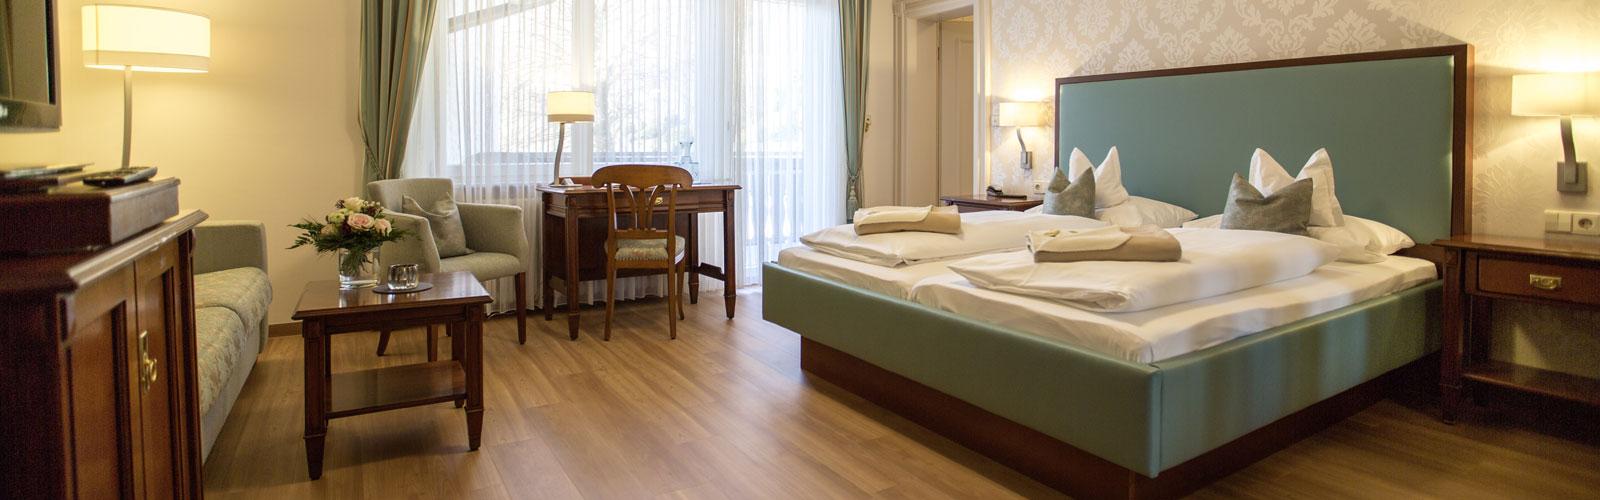 adlerbad_doppelzimmer-komfort-slider